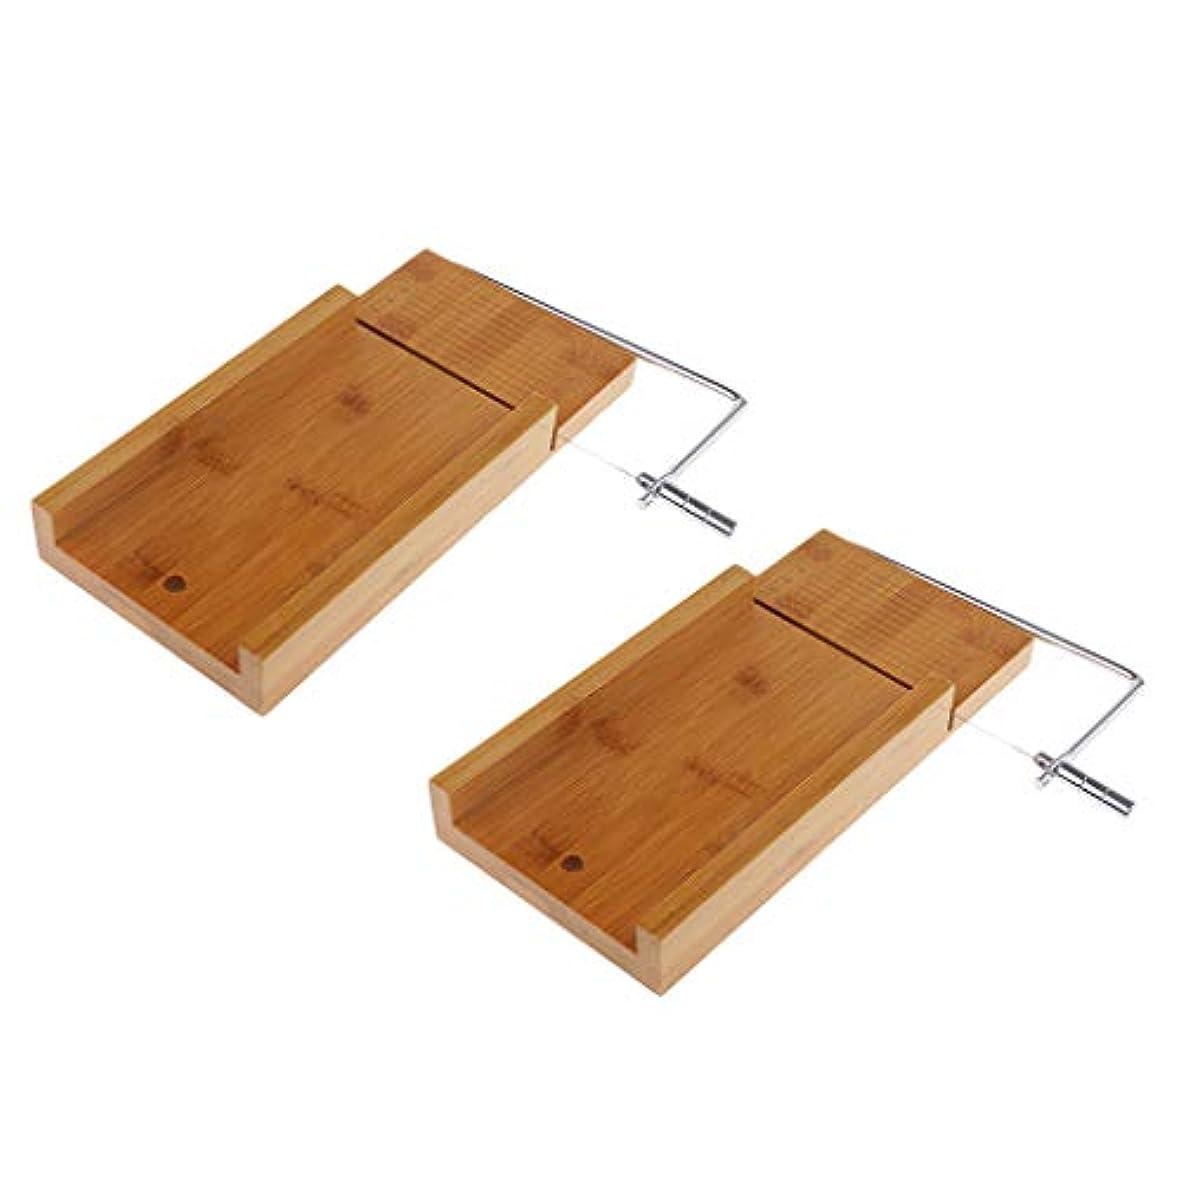 地味な誤って可聴ソープカッター 台 木質 チーズナイフ せっけんカッター ワイヤー ソープスライサー 2個入り